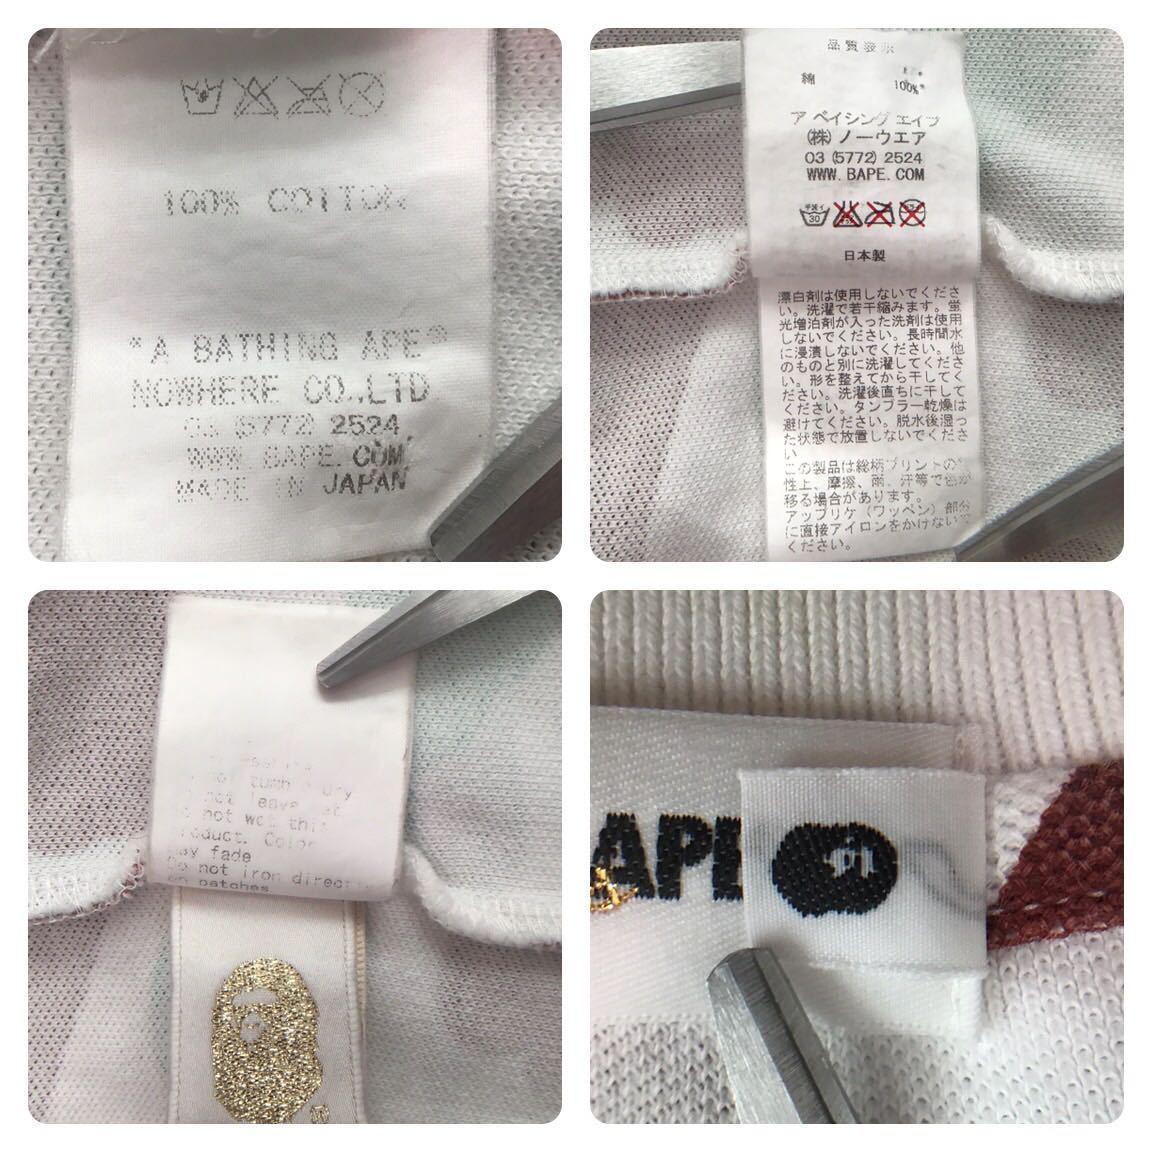 ★仙台限定★ sendai city camo ポロシャツ Mサイズ a bathing ape bape エイプ ベイプ アベイシングエイプ 都市限定 迷彩 nigo 1240